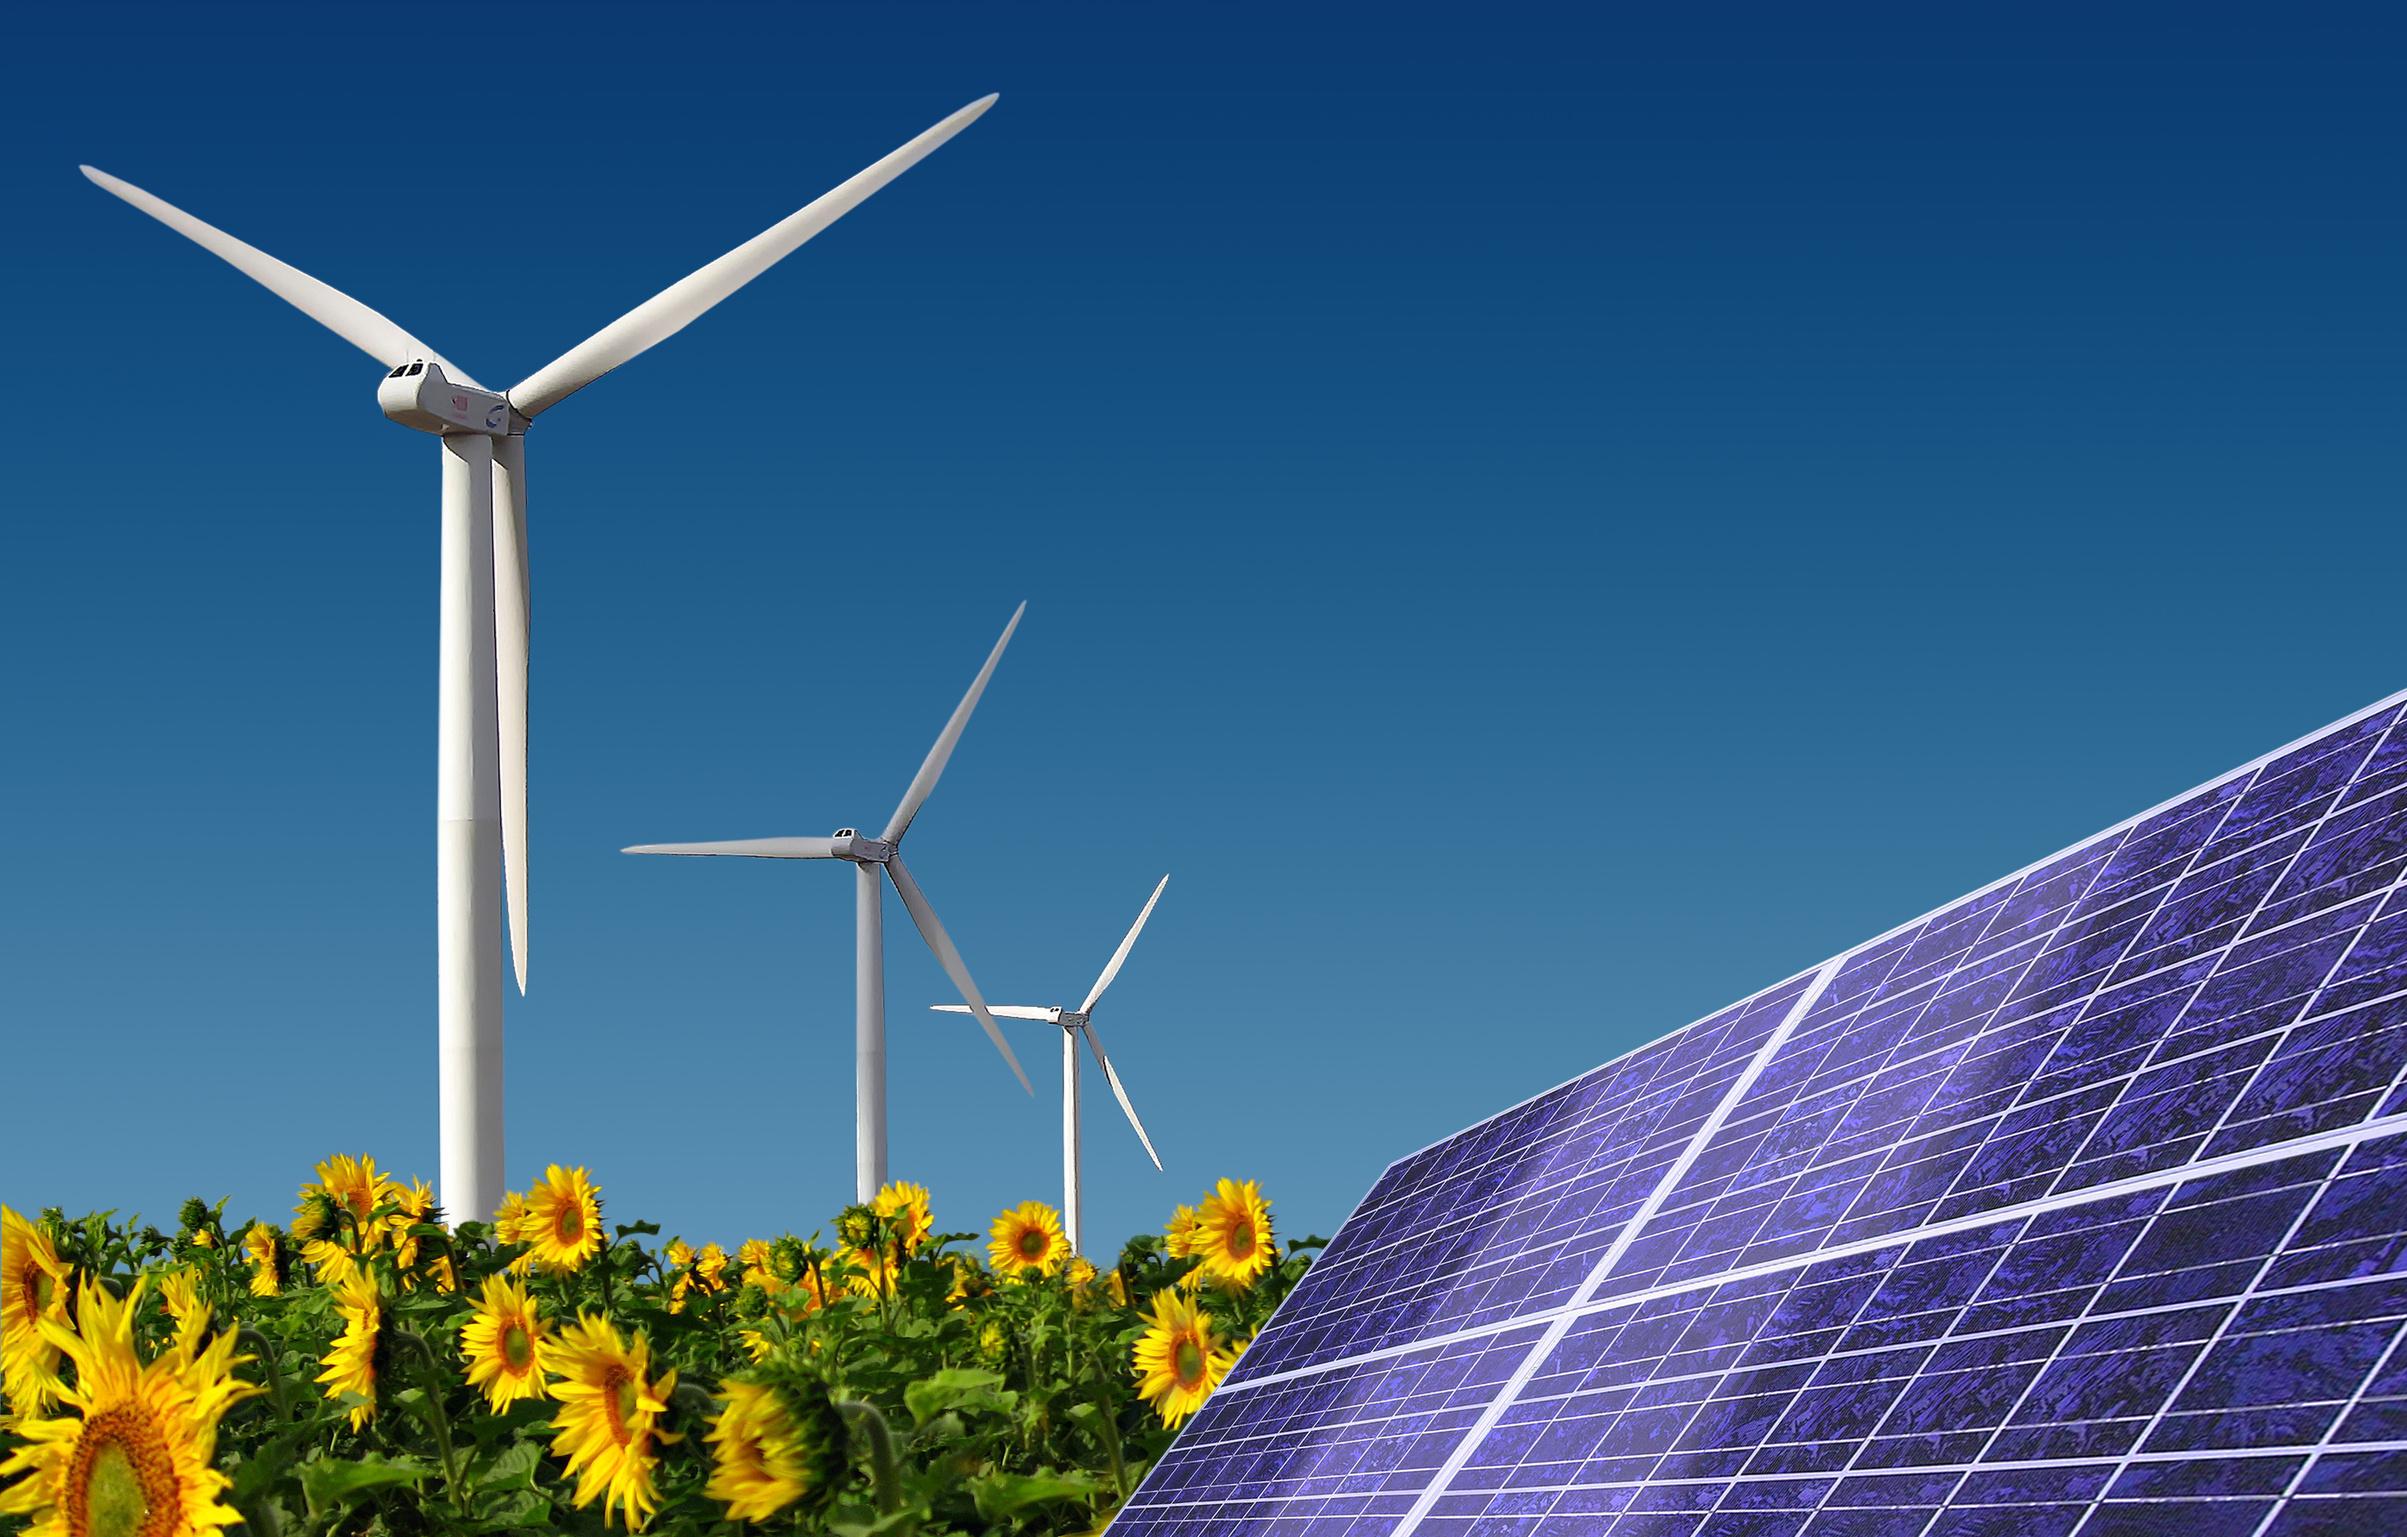 Eγκατάσταση φωτοβολταϊκών συστημάτων